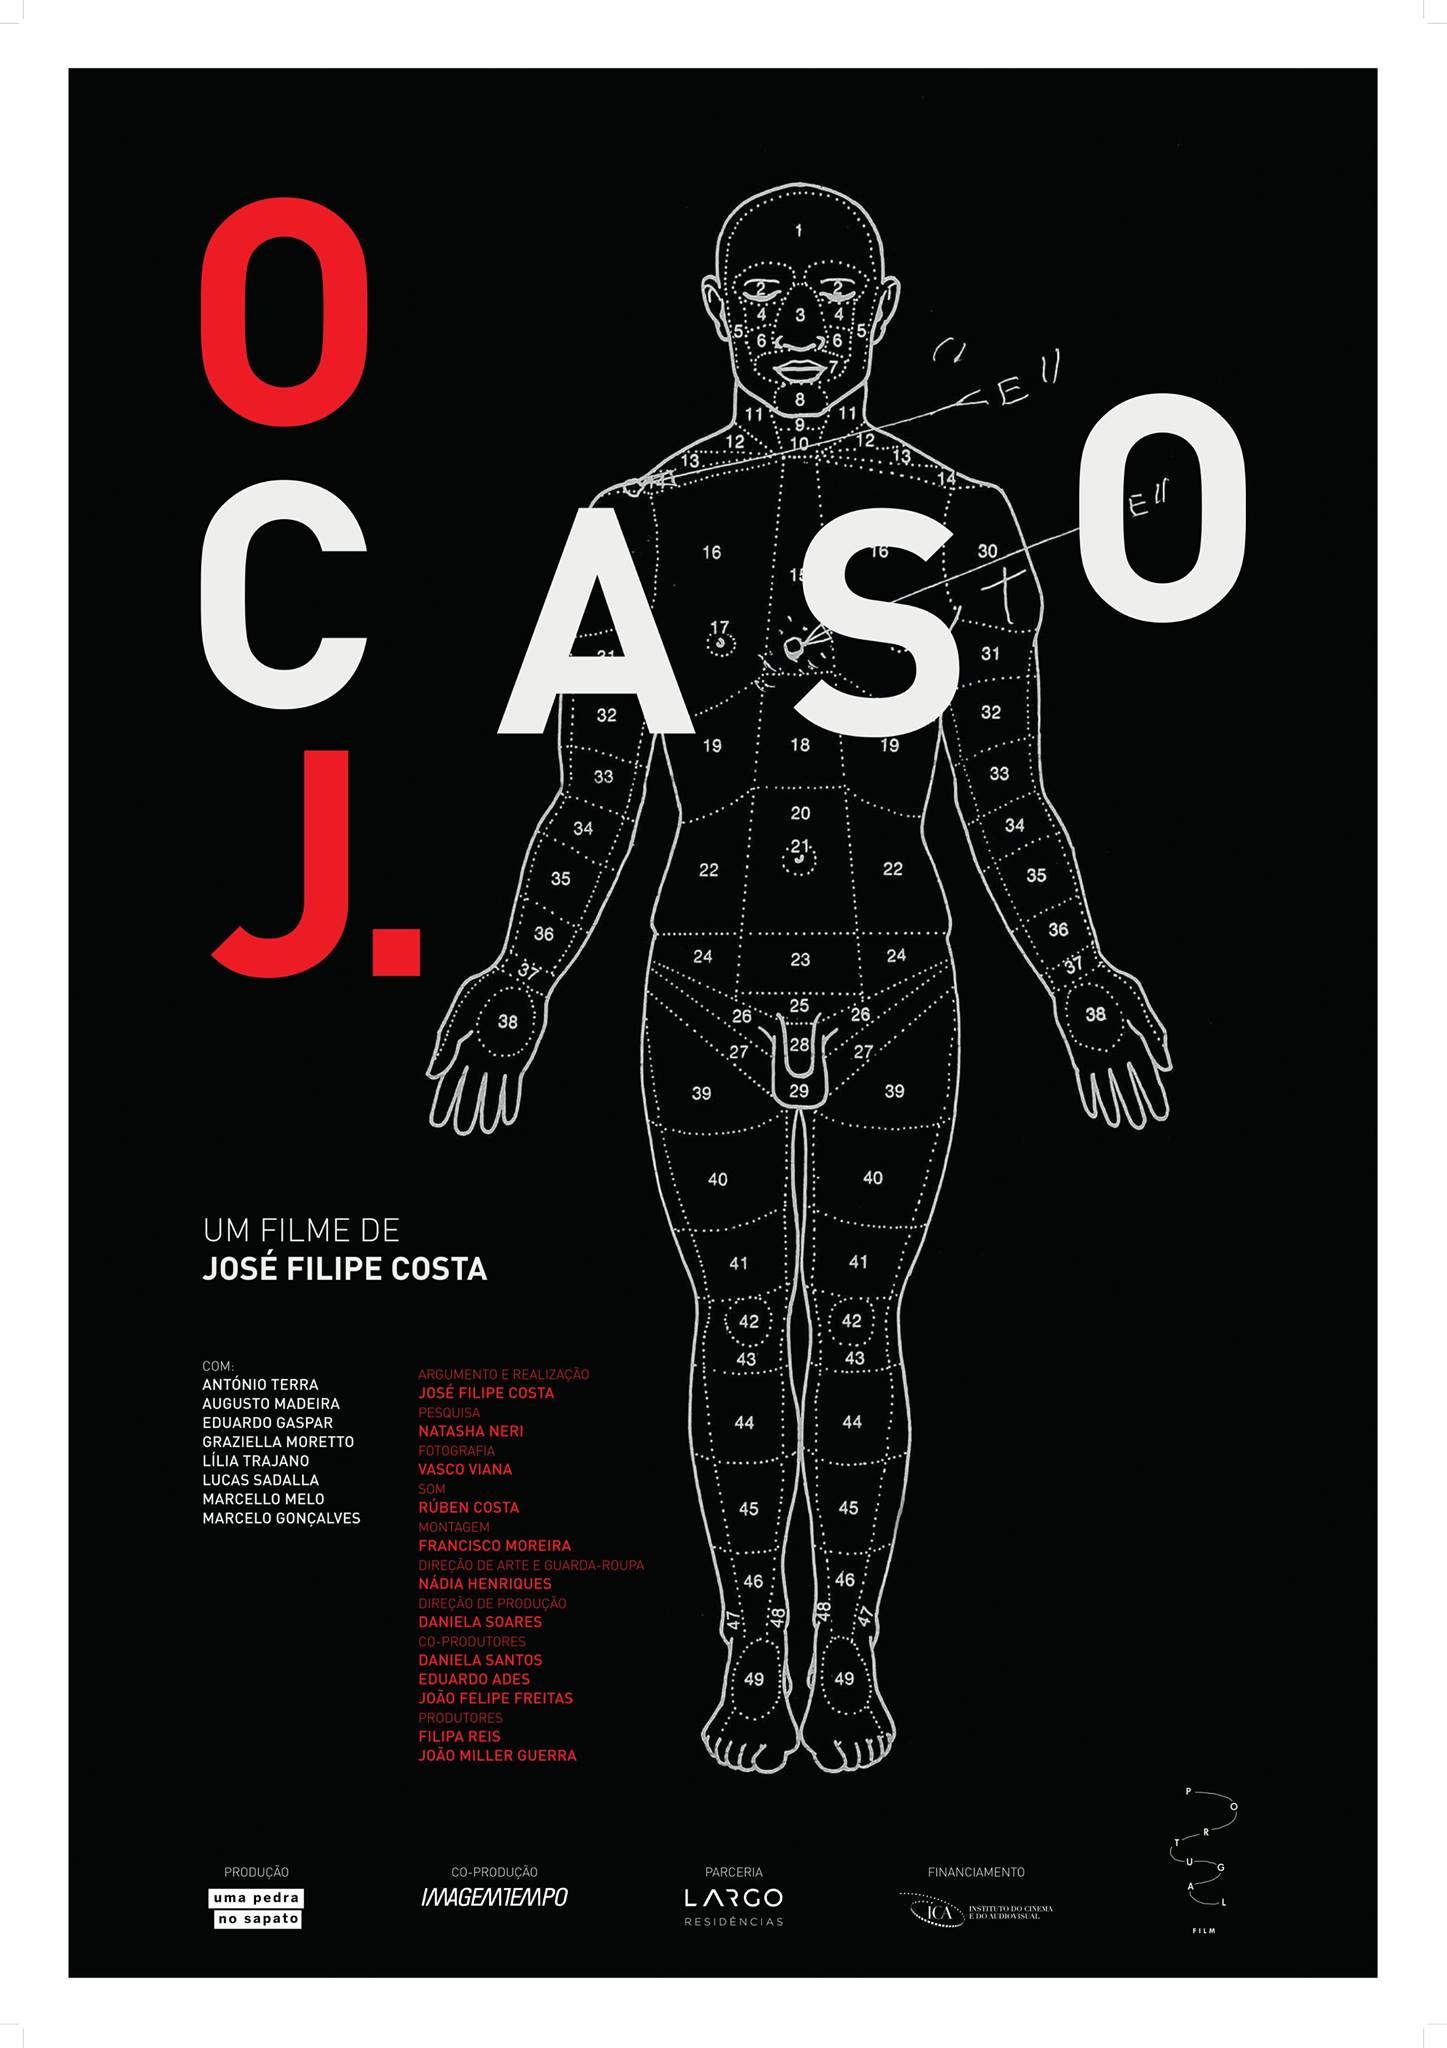 Cartaz | Design: André Sentieiro